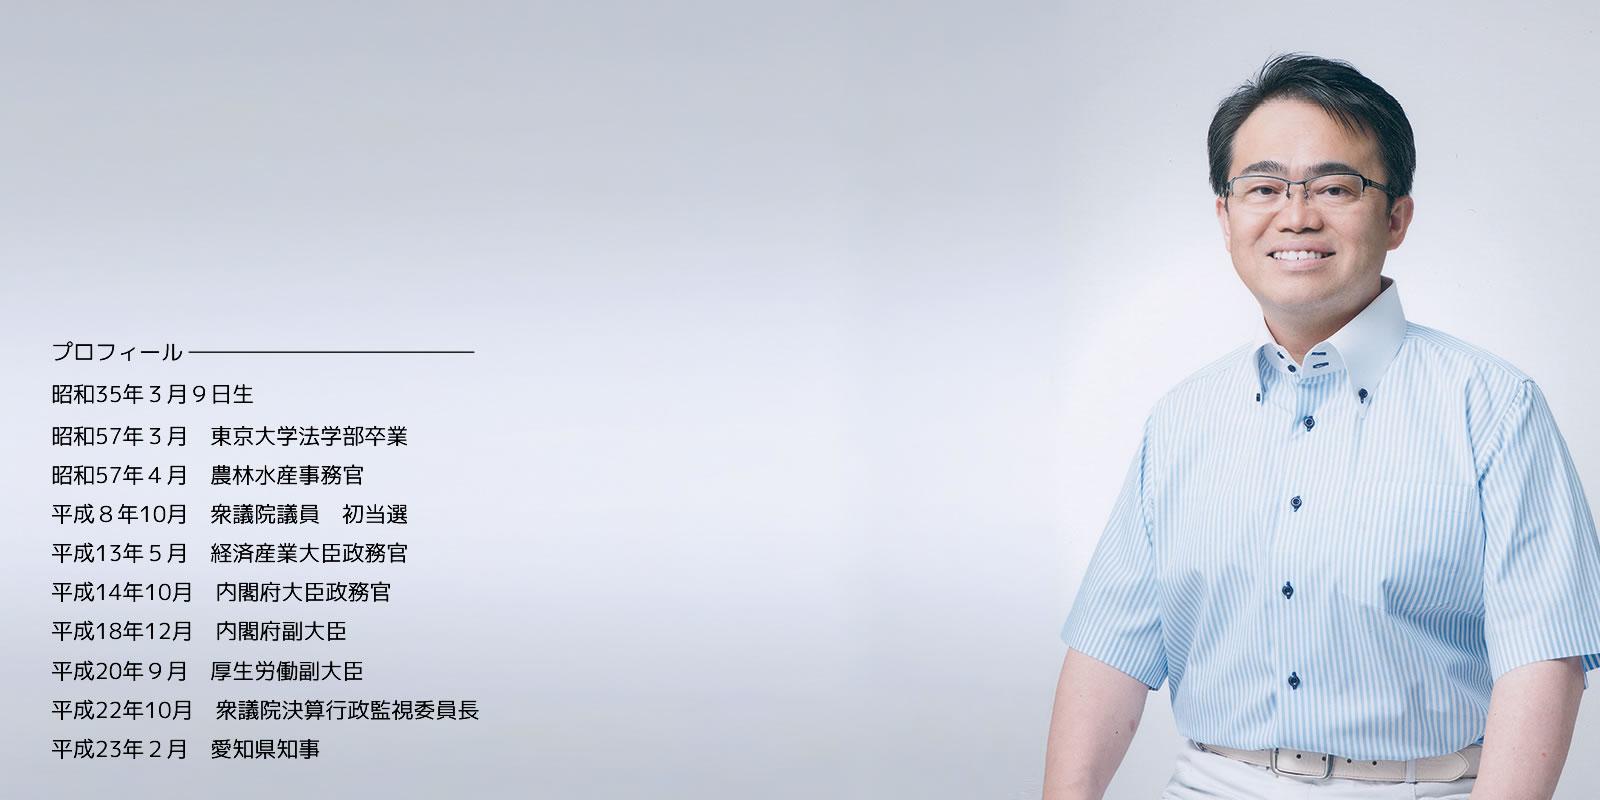 chiji-profile